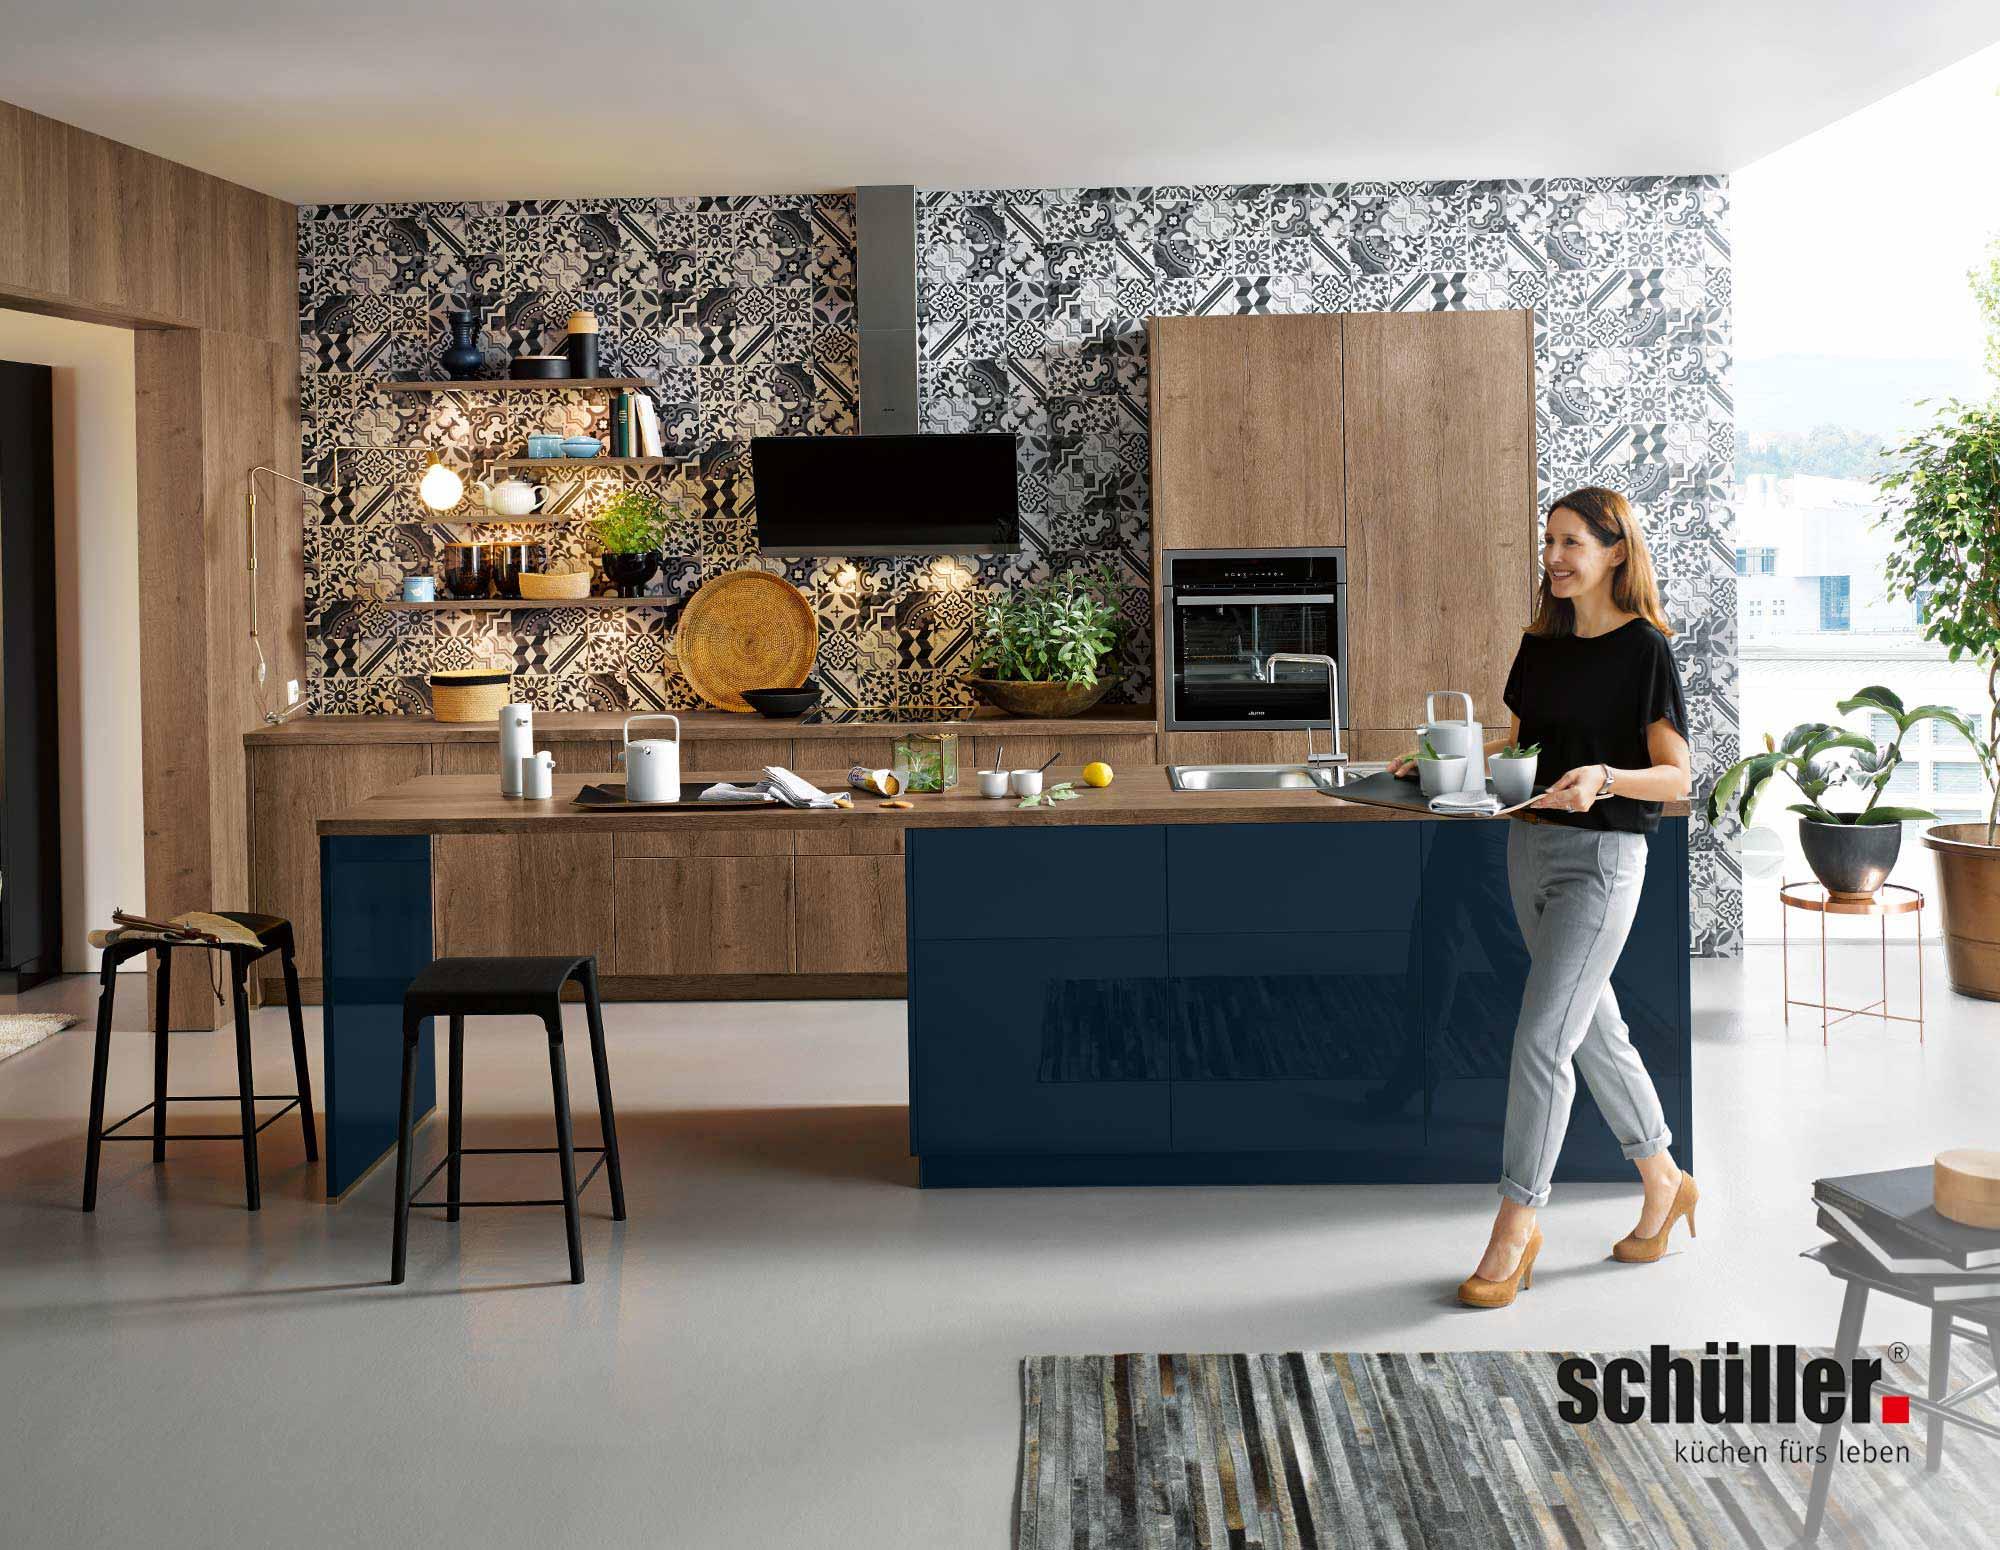 Schüller Cremona Inselküche in Eiche Nachbildung